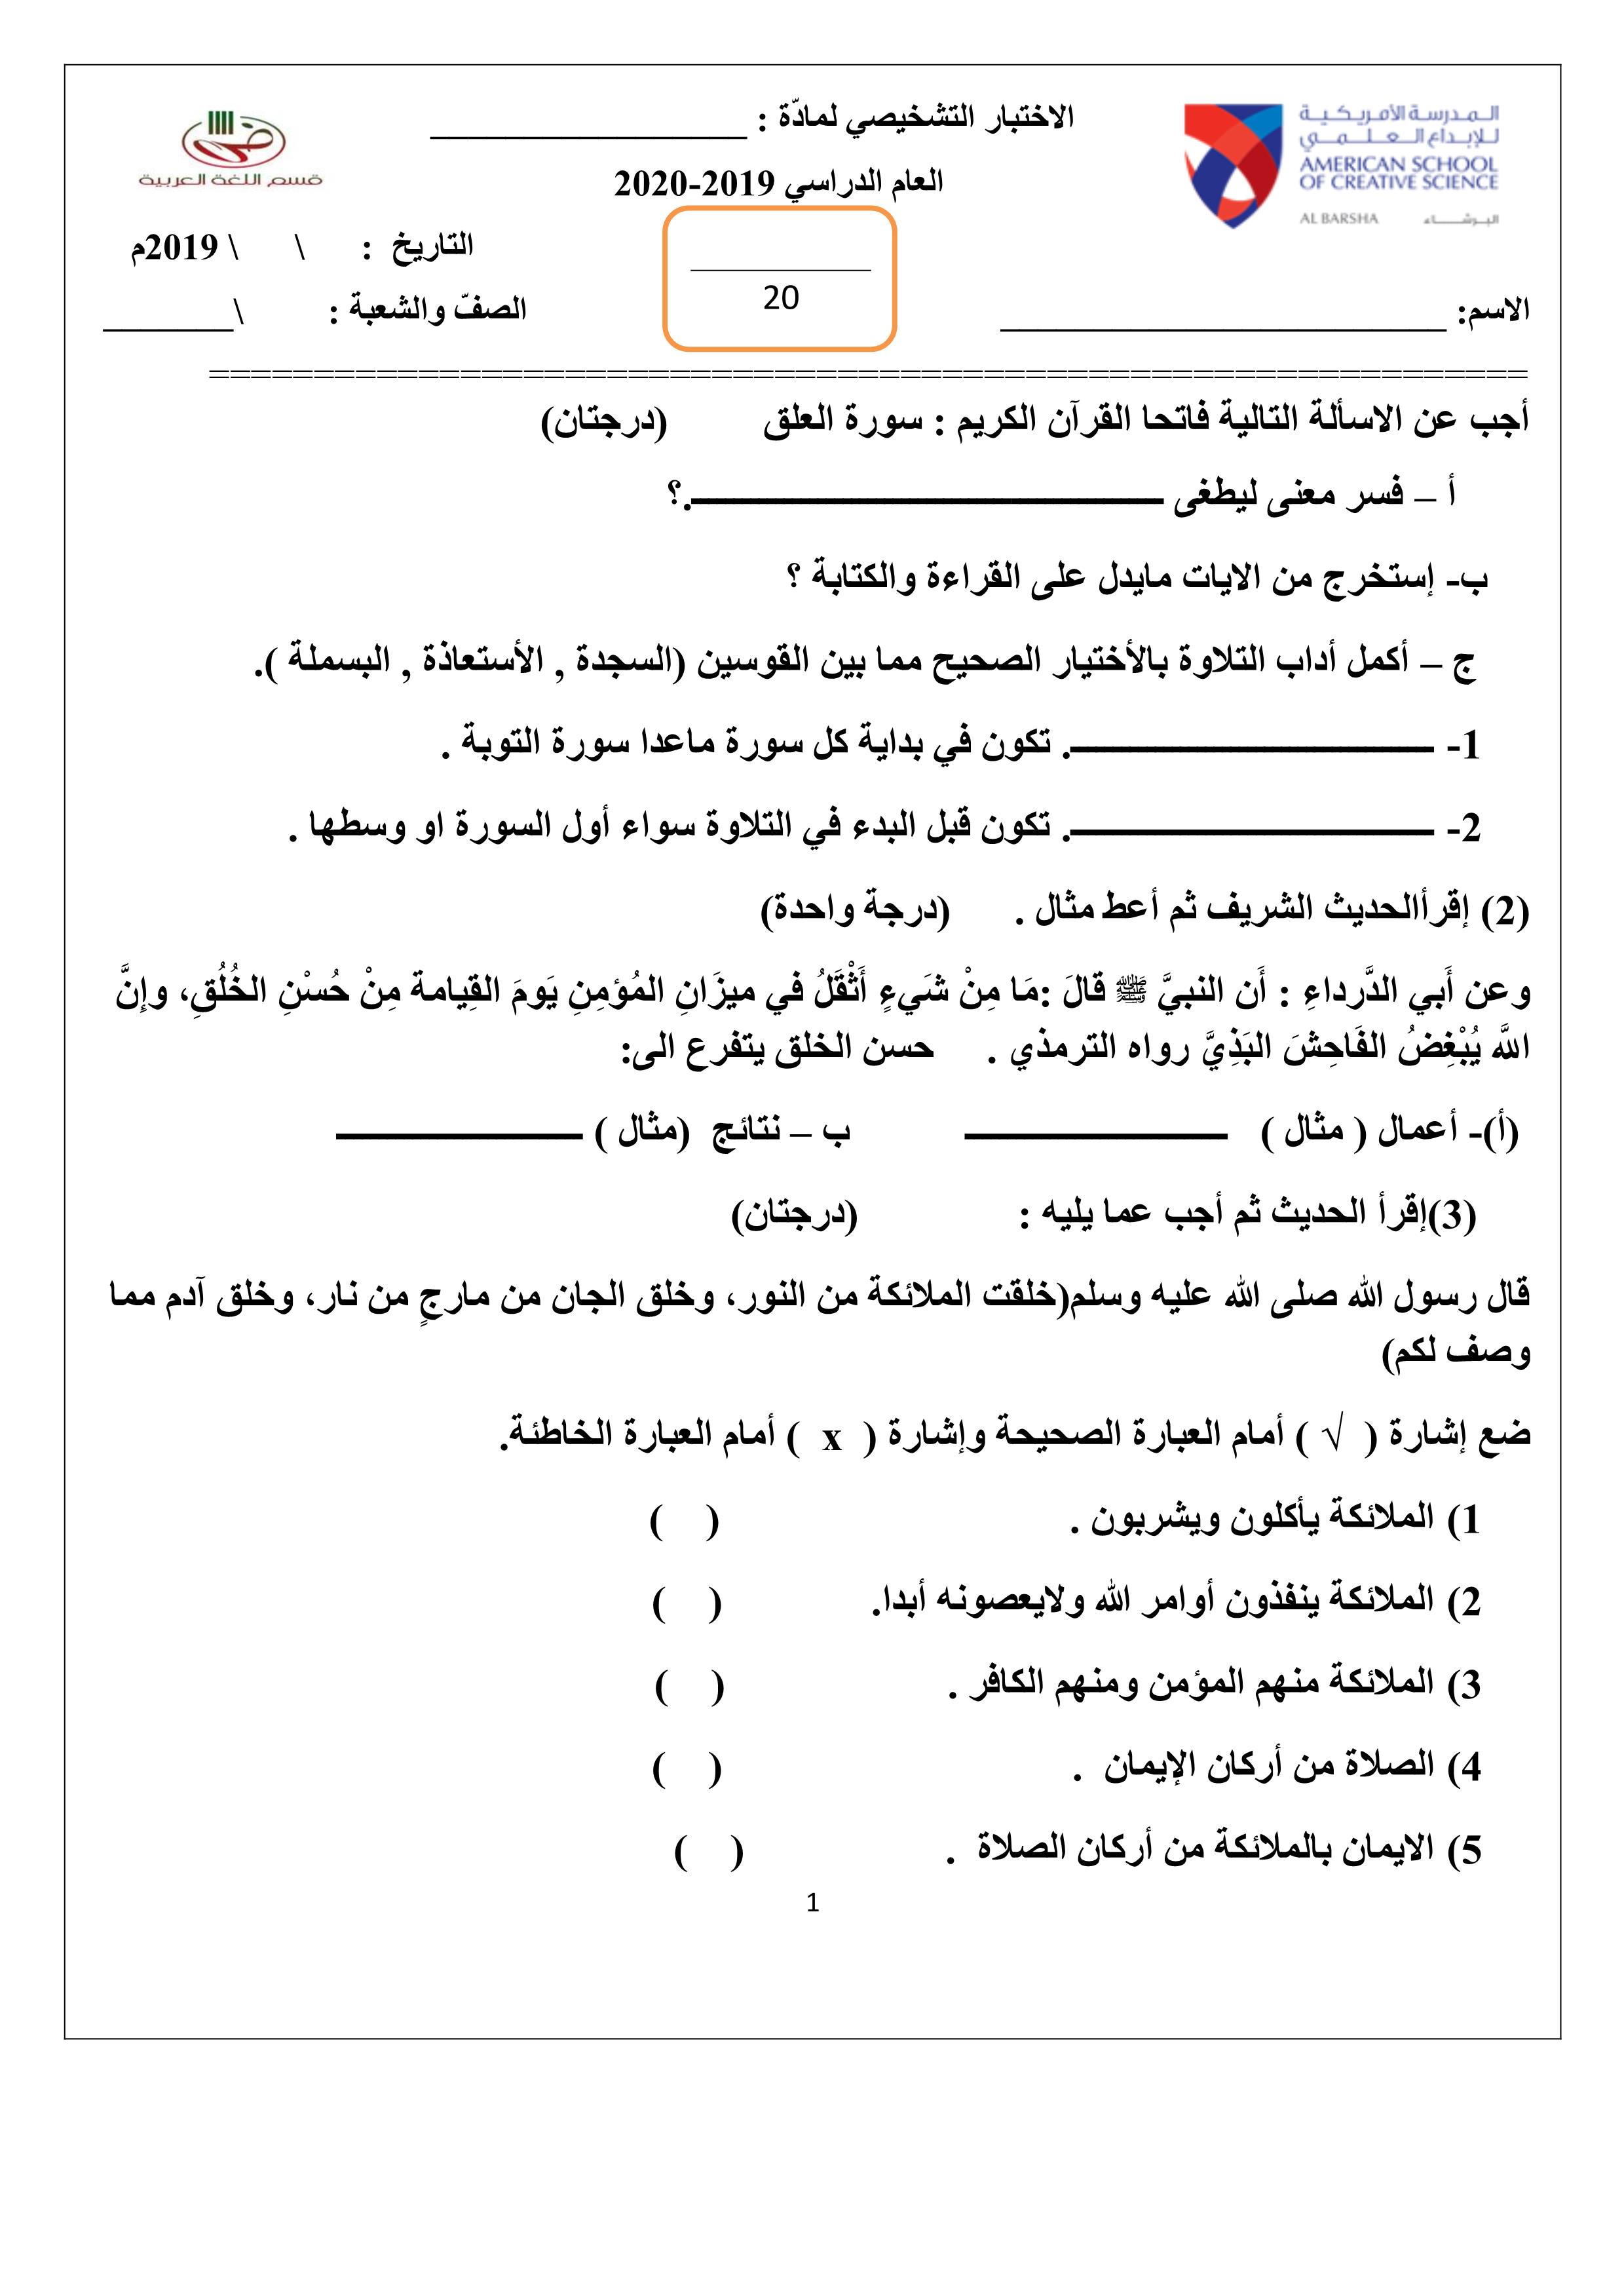 اوراق عمل الاختبار التشخيصي الصف الخامس مادة التربية الاسلامية